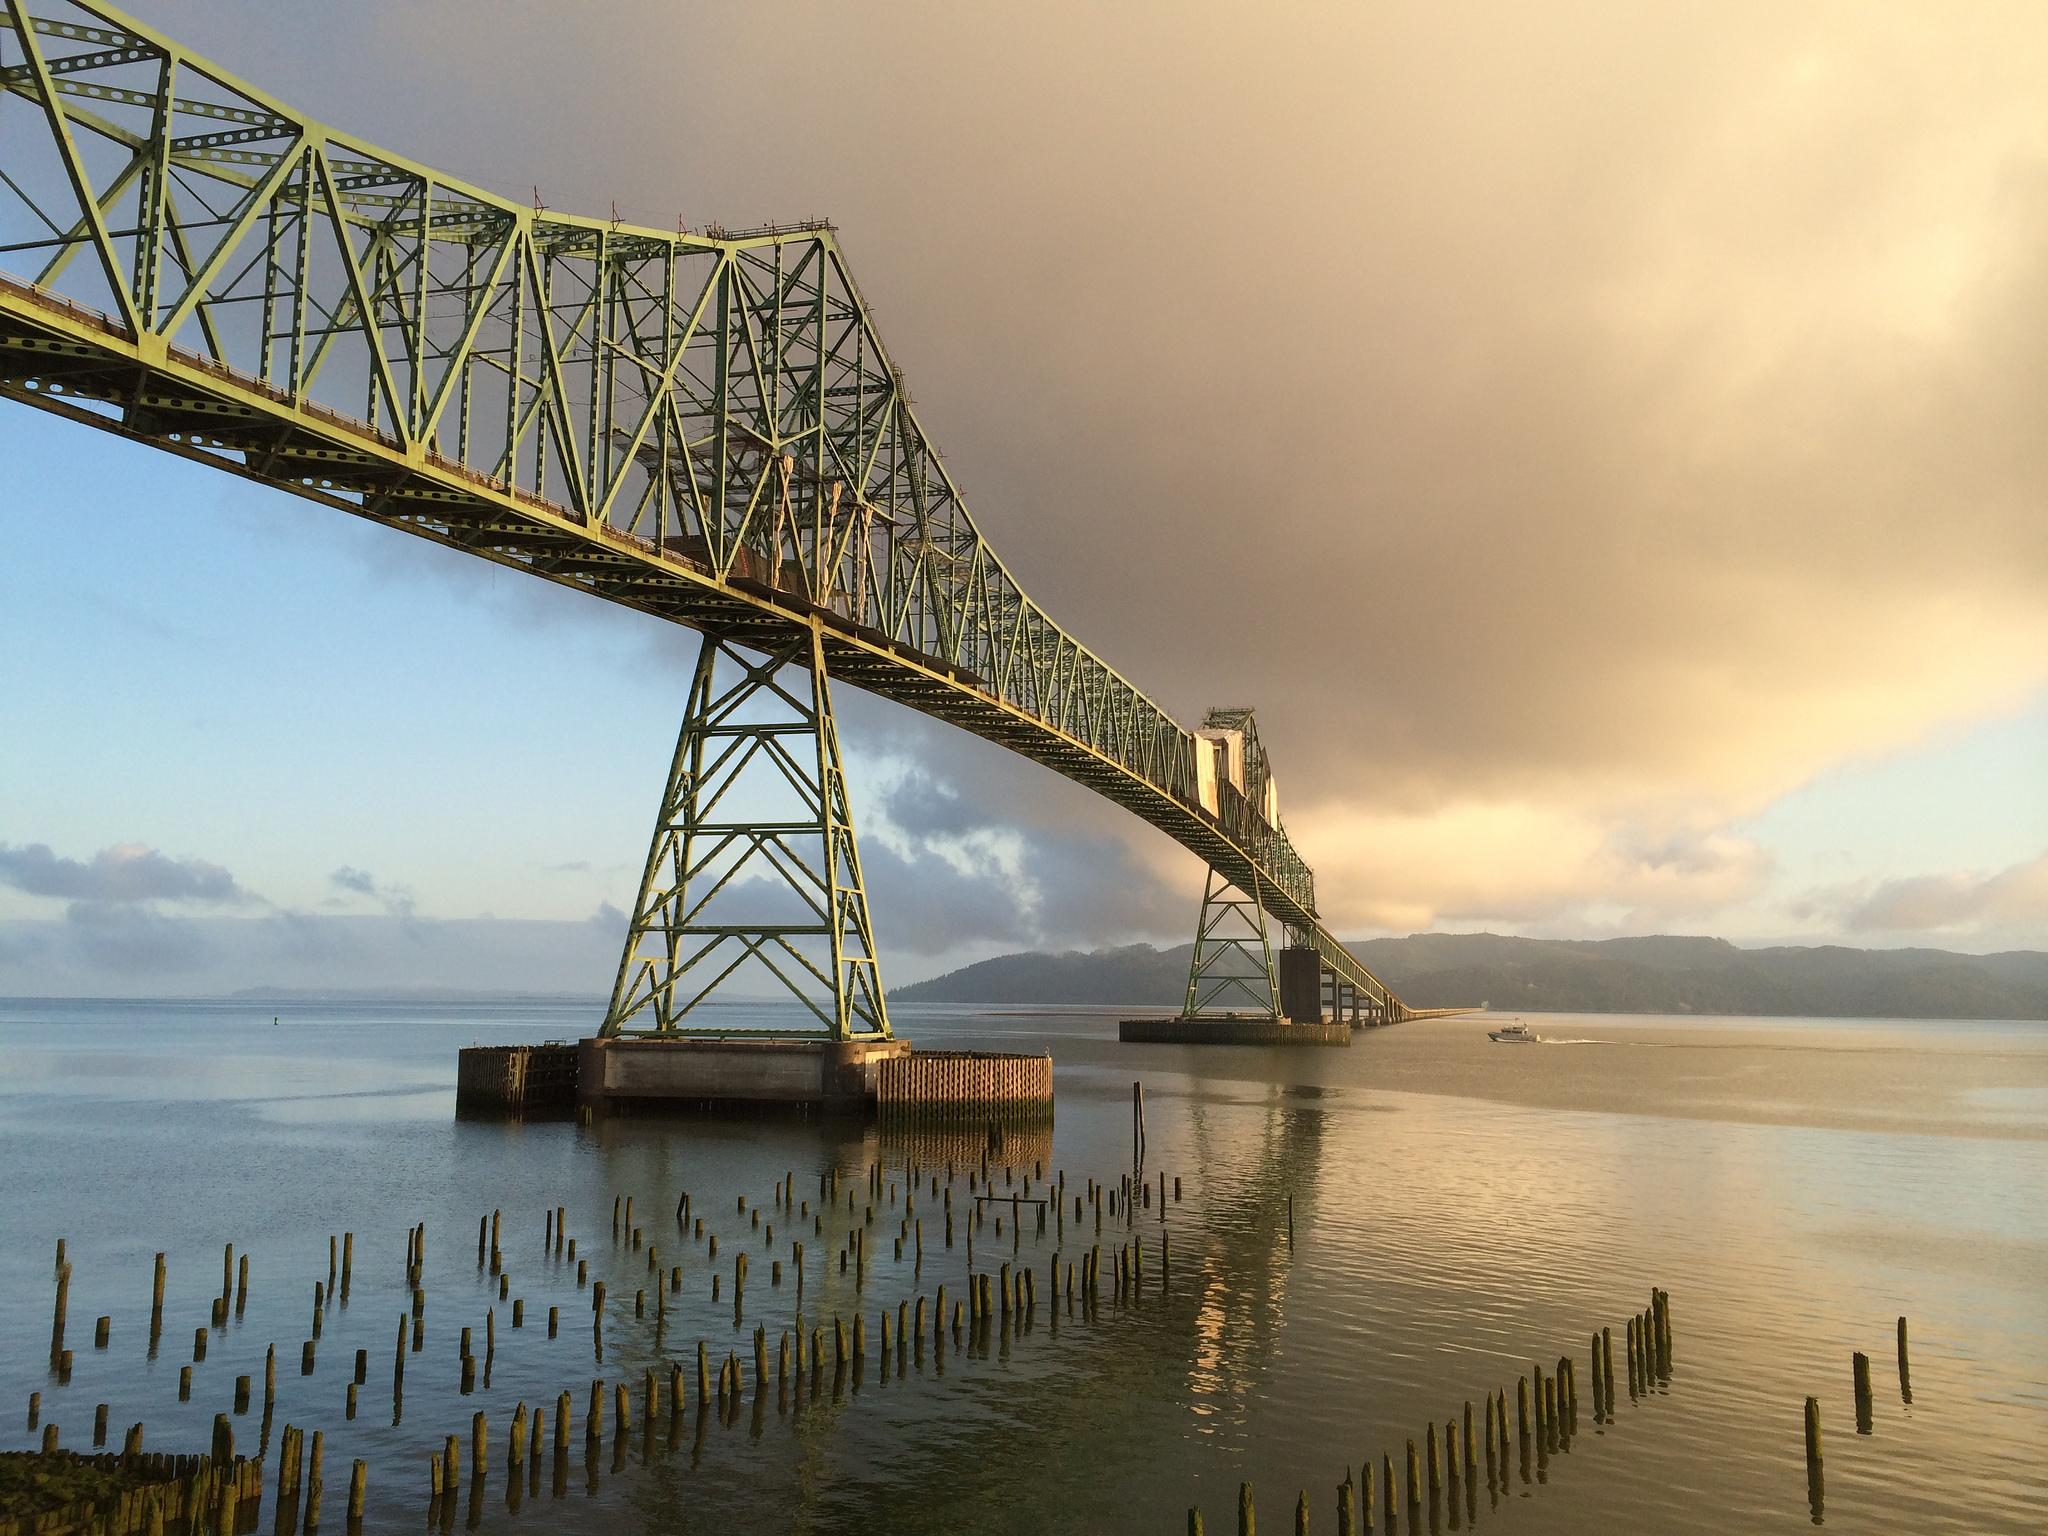 The gorgeous Astoria-Megler Bridge was captured in The Goonies, Kindergarten Cop, Short Circuit, and The Ring 2